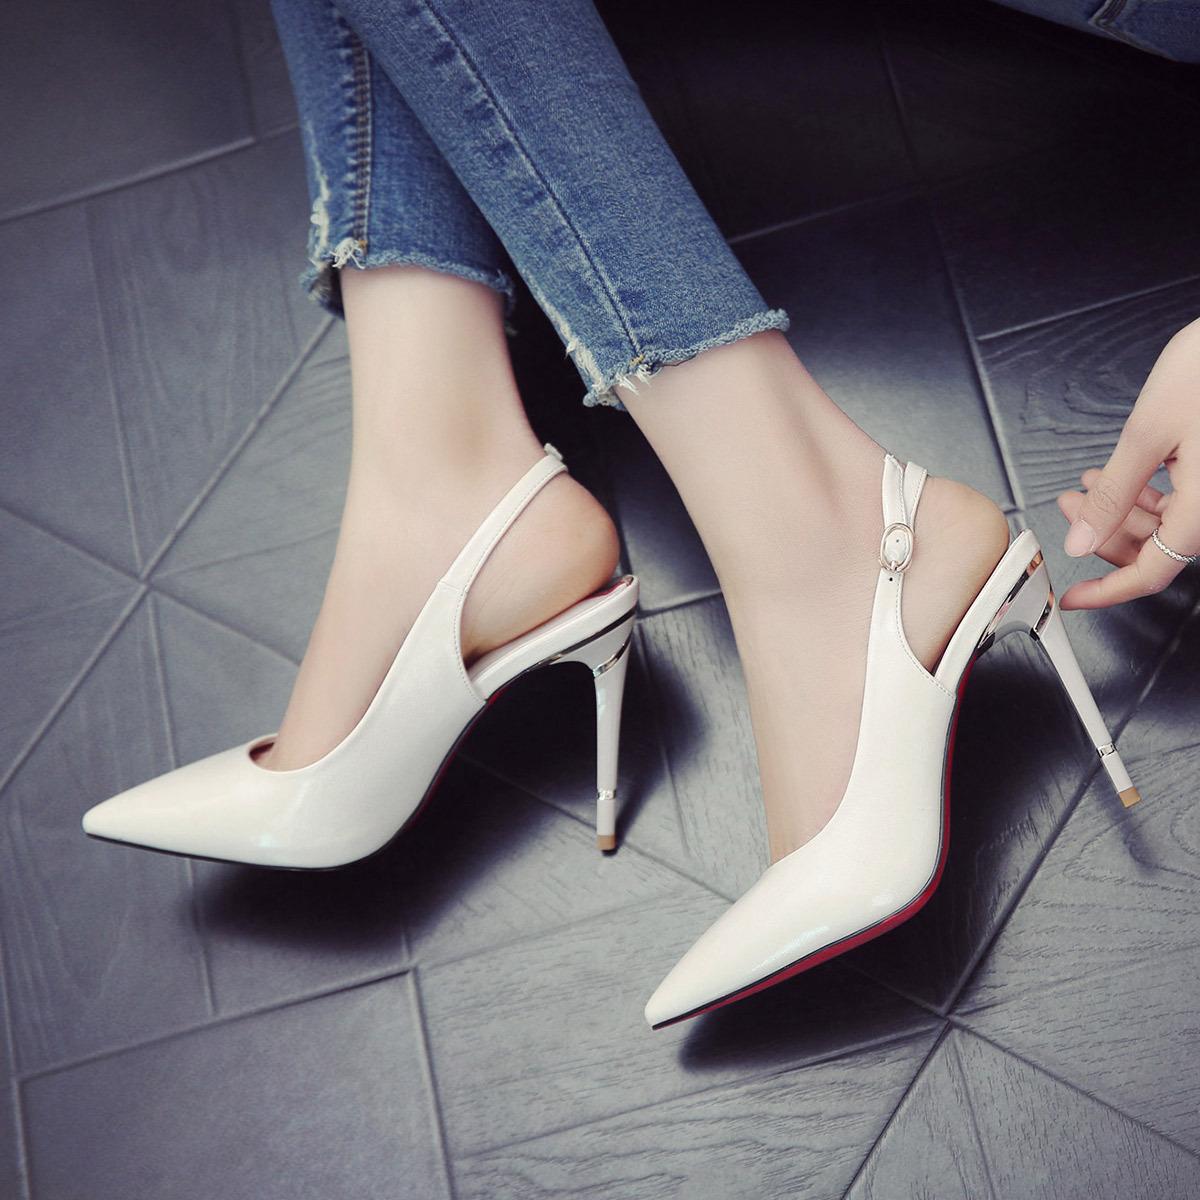 白色高跟凉鞋 新款白色高跟鞋女夏细跟2020年春秋季百搭尖头一字带凉鞋性感单鞋_推荐淘宝好看的女白色高跟凉鞋